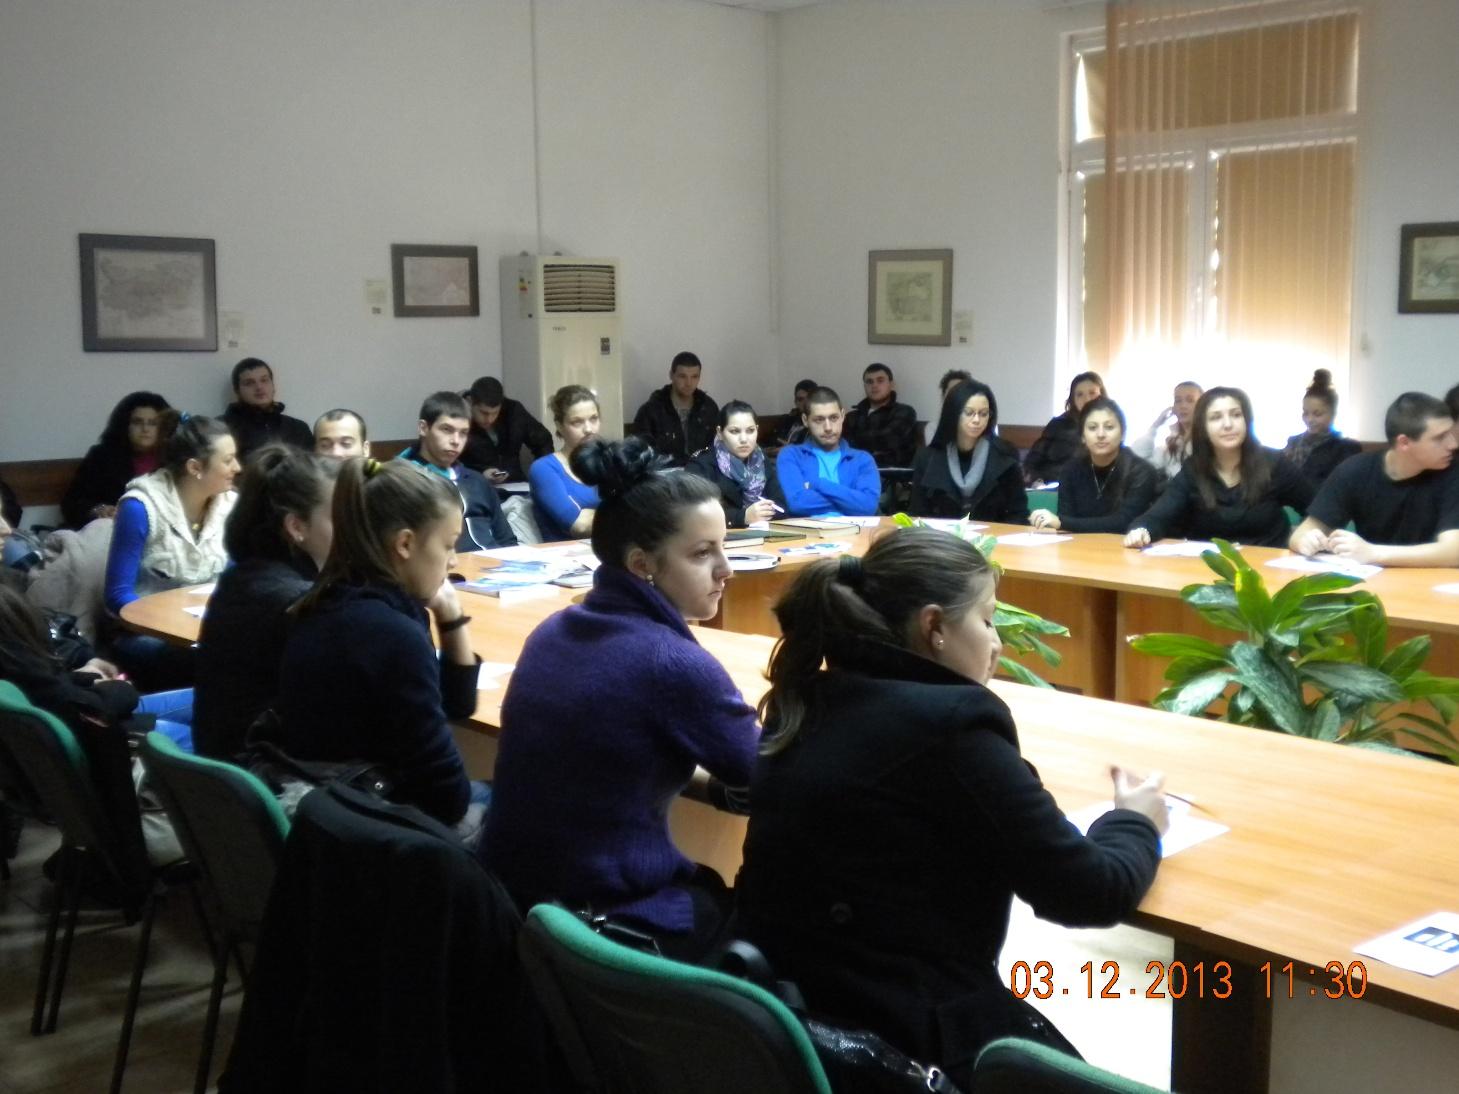 Участвалите в срещата студенти от Стопанския факултет на Техническия университет - Габрово